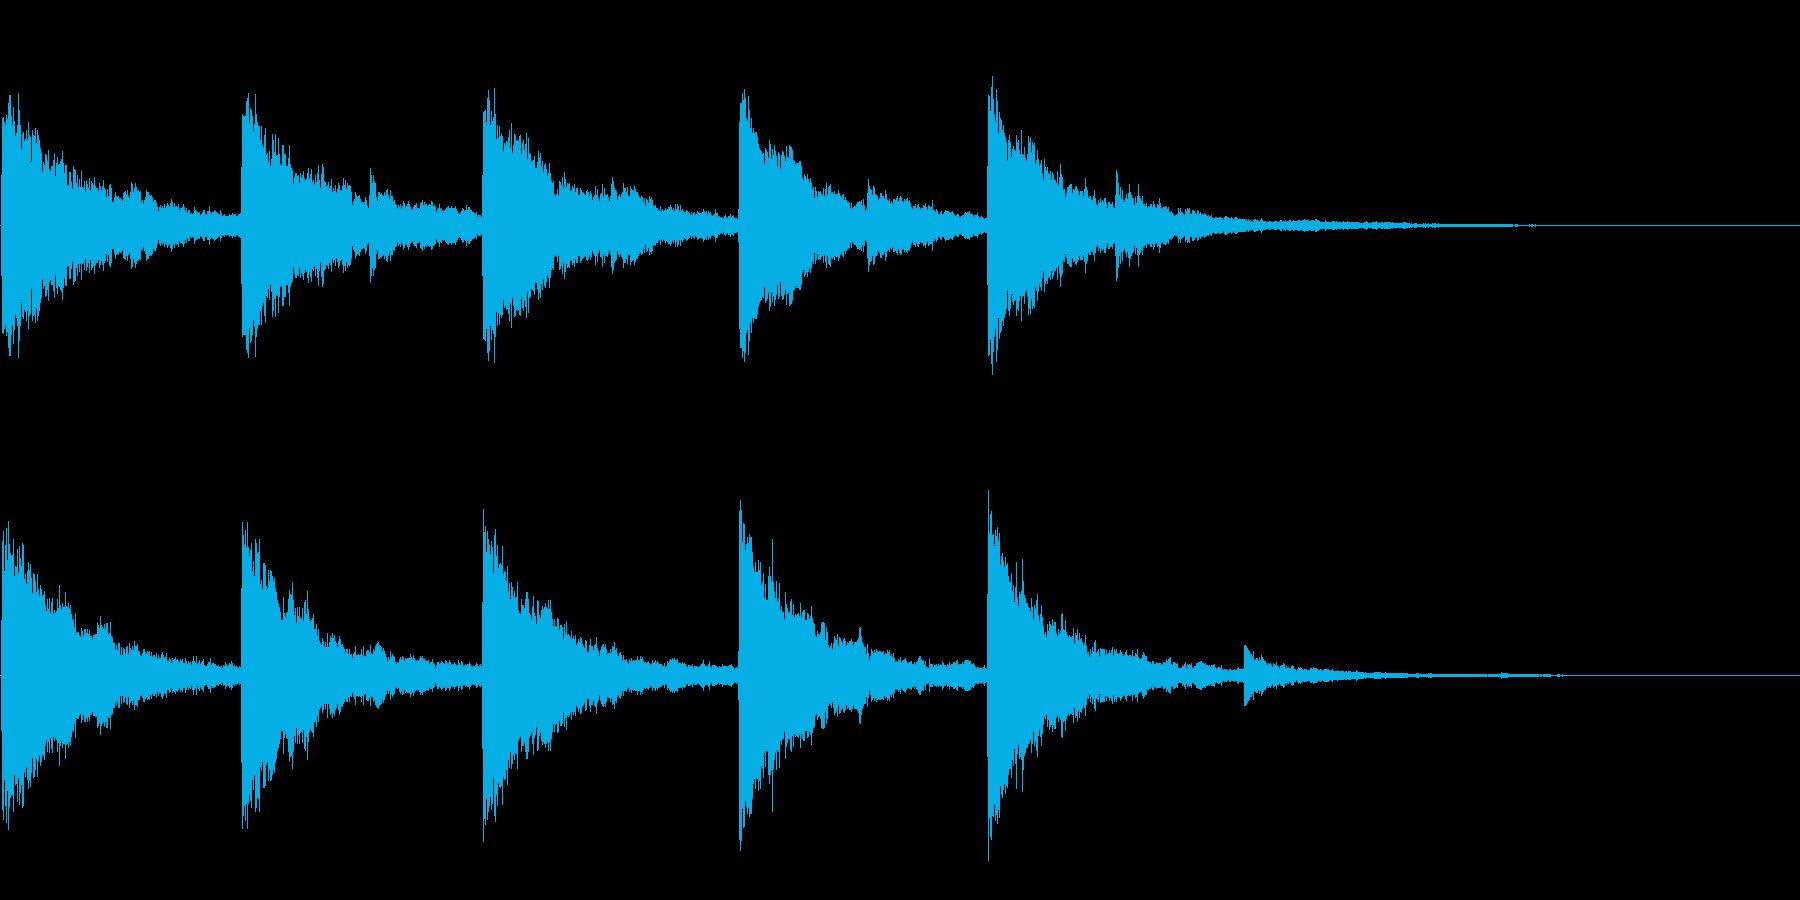 「海外のお化けが出そうな音」の再生済みの波形